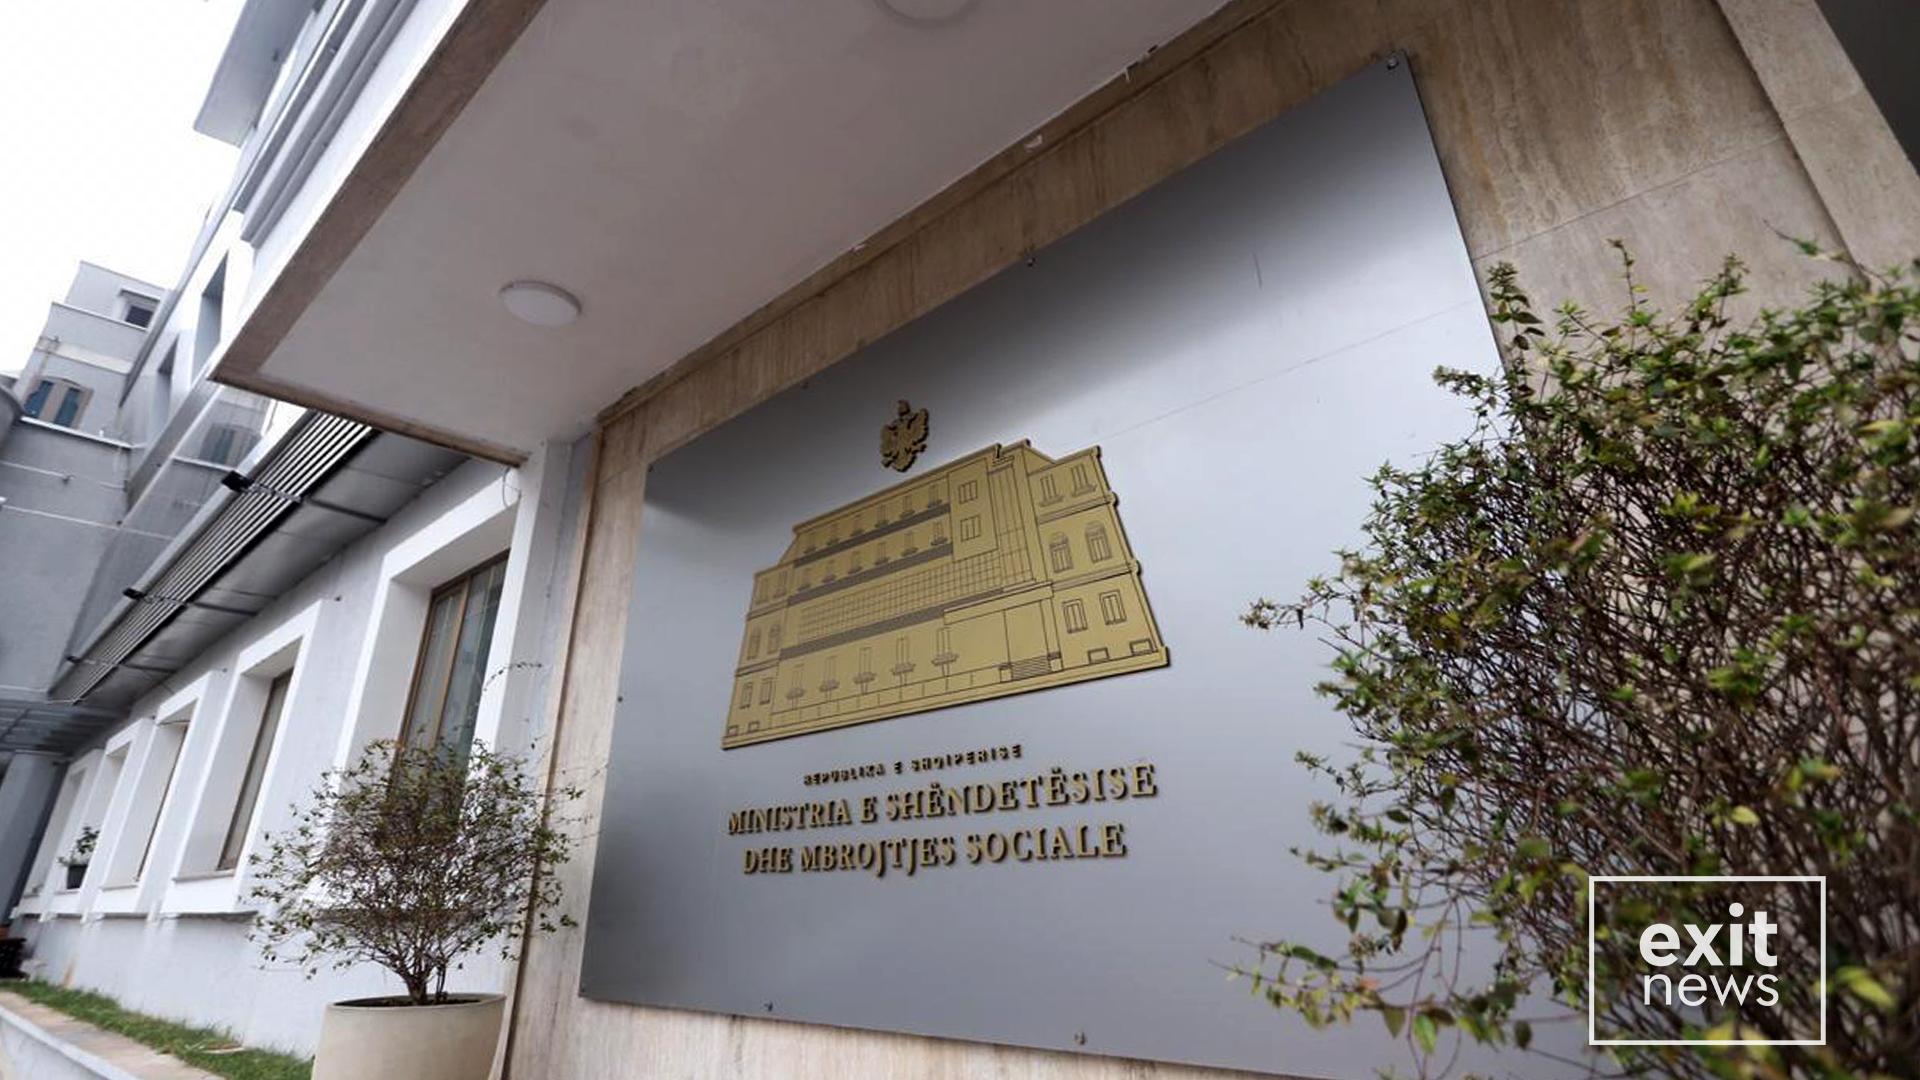 Ministria e Shëndetësisë ngren grup pune për hetimin e vdekjes së 53-vjeçarit